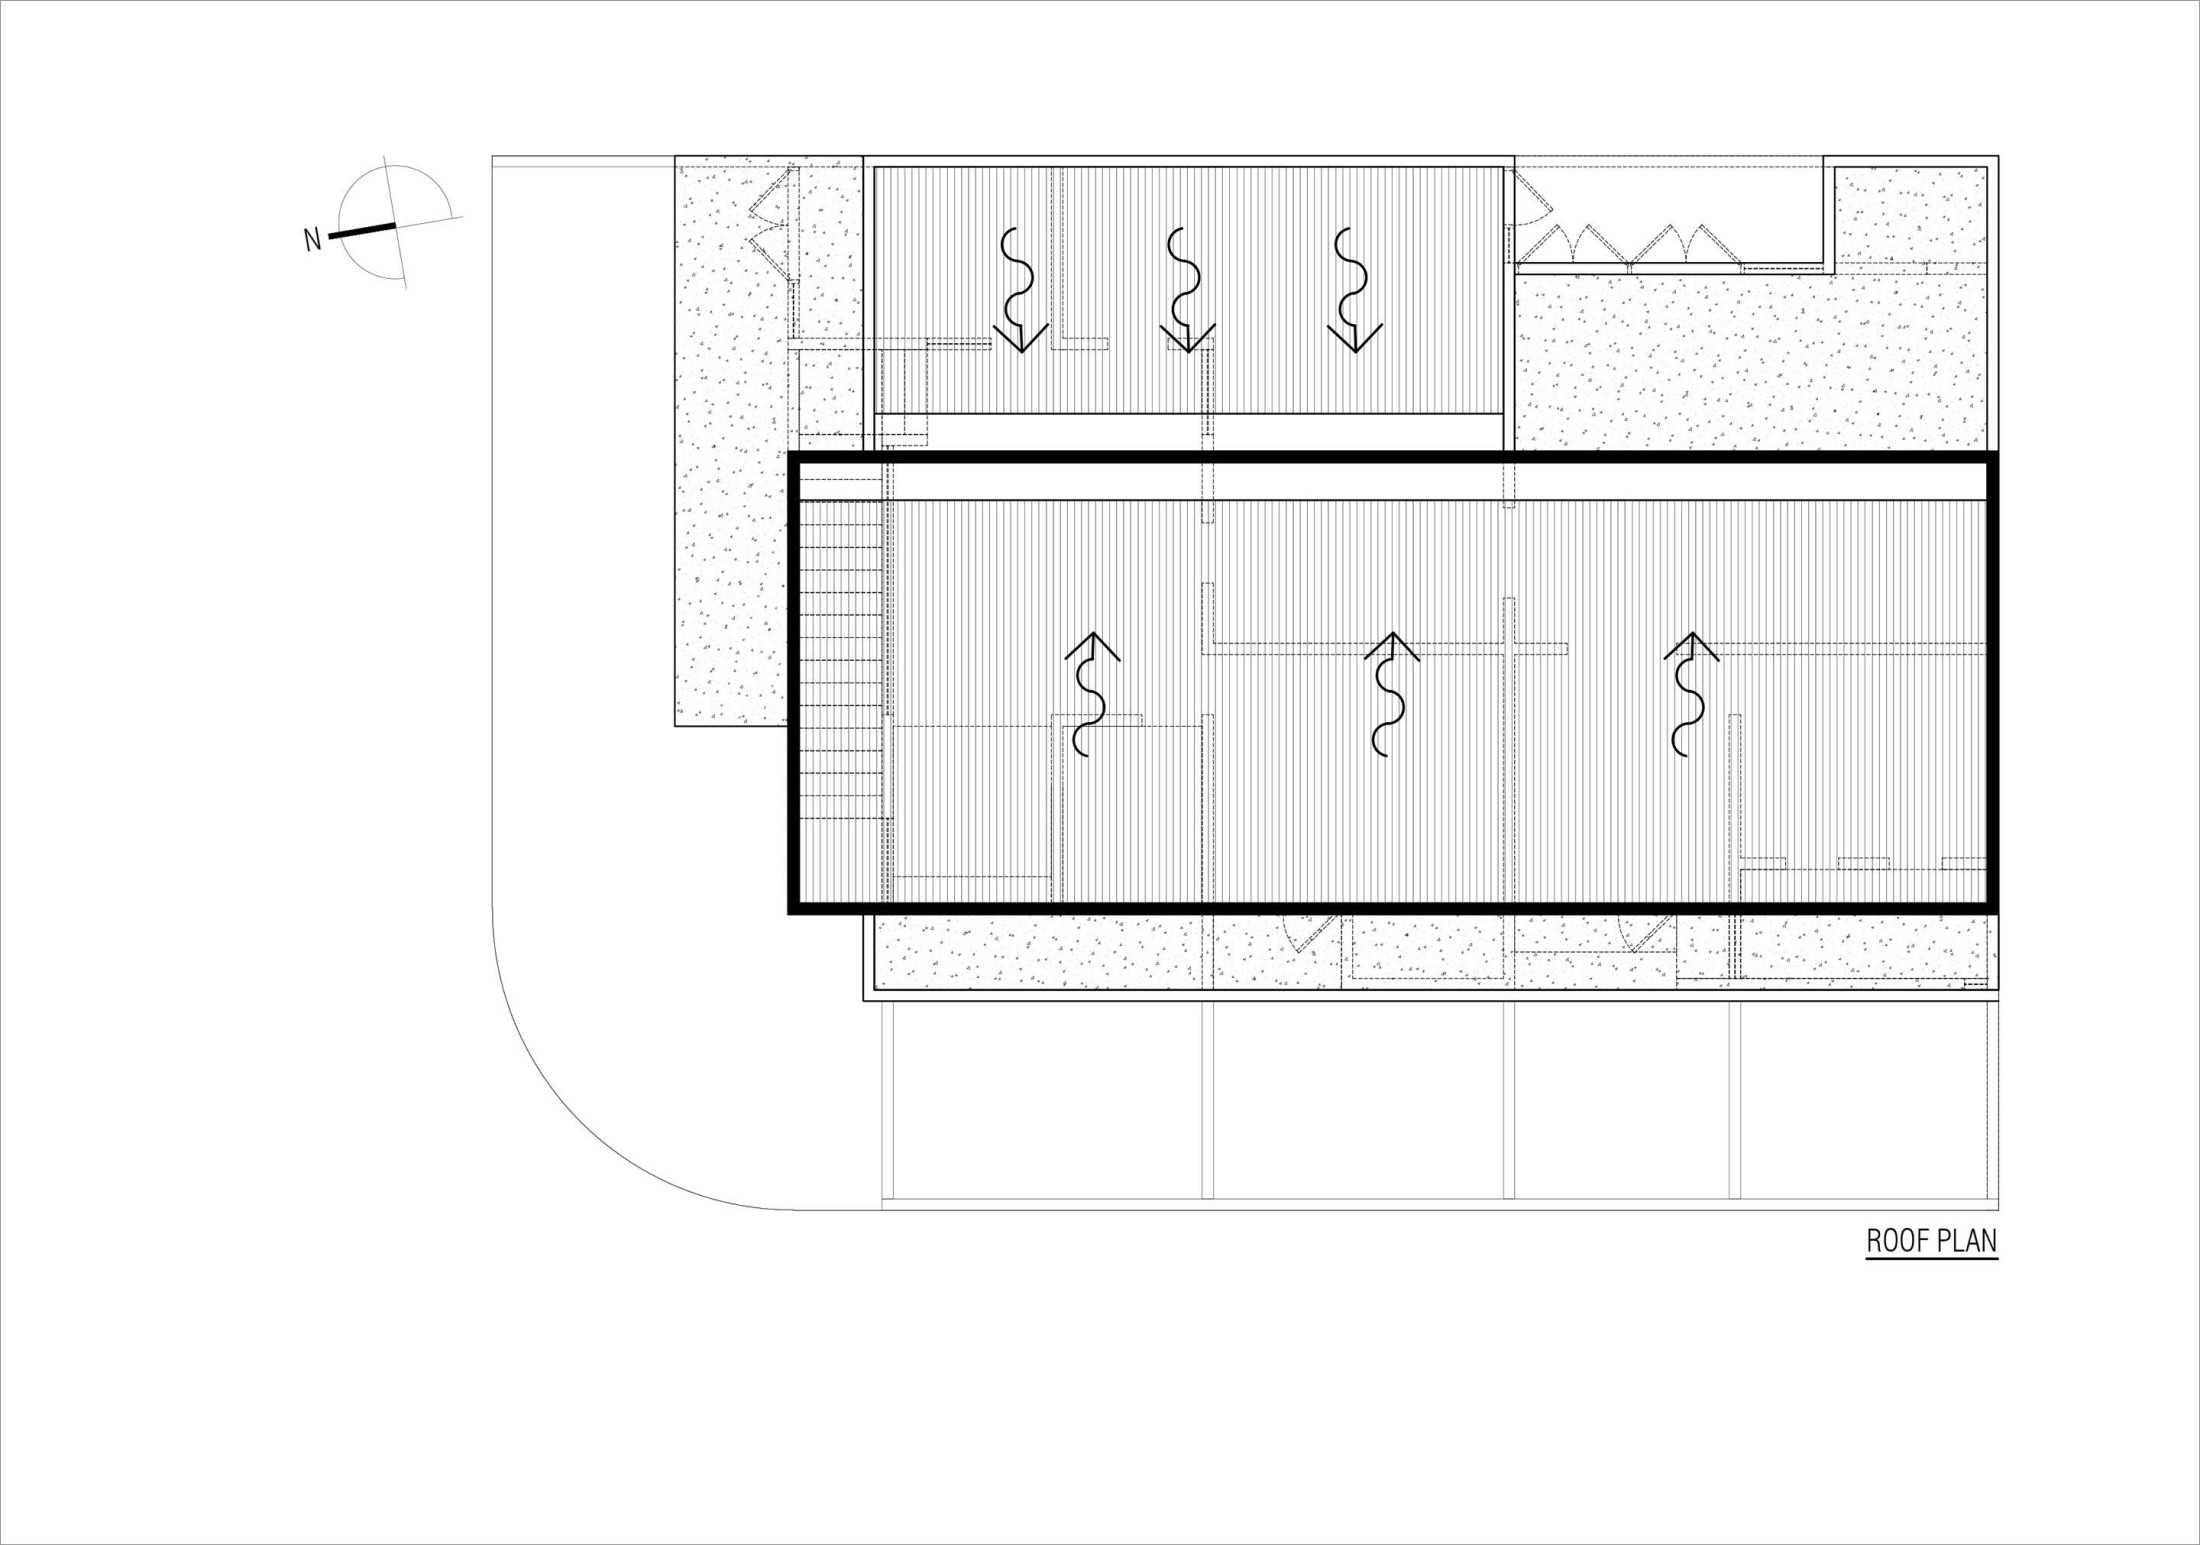 Y0 Design Architect J House Pd. Candra, Wadungasri, Kec. Waru, Kabupaten Sidoarjo, Jawa Timur, Indonesia Pd. Candra, Wadungasri, Kec. Waru, Kabupaten Sidoarjo, Jawa Timur, Indonesia Yohanes-Iswara-Limandjaya-J-House  121000